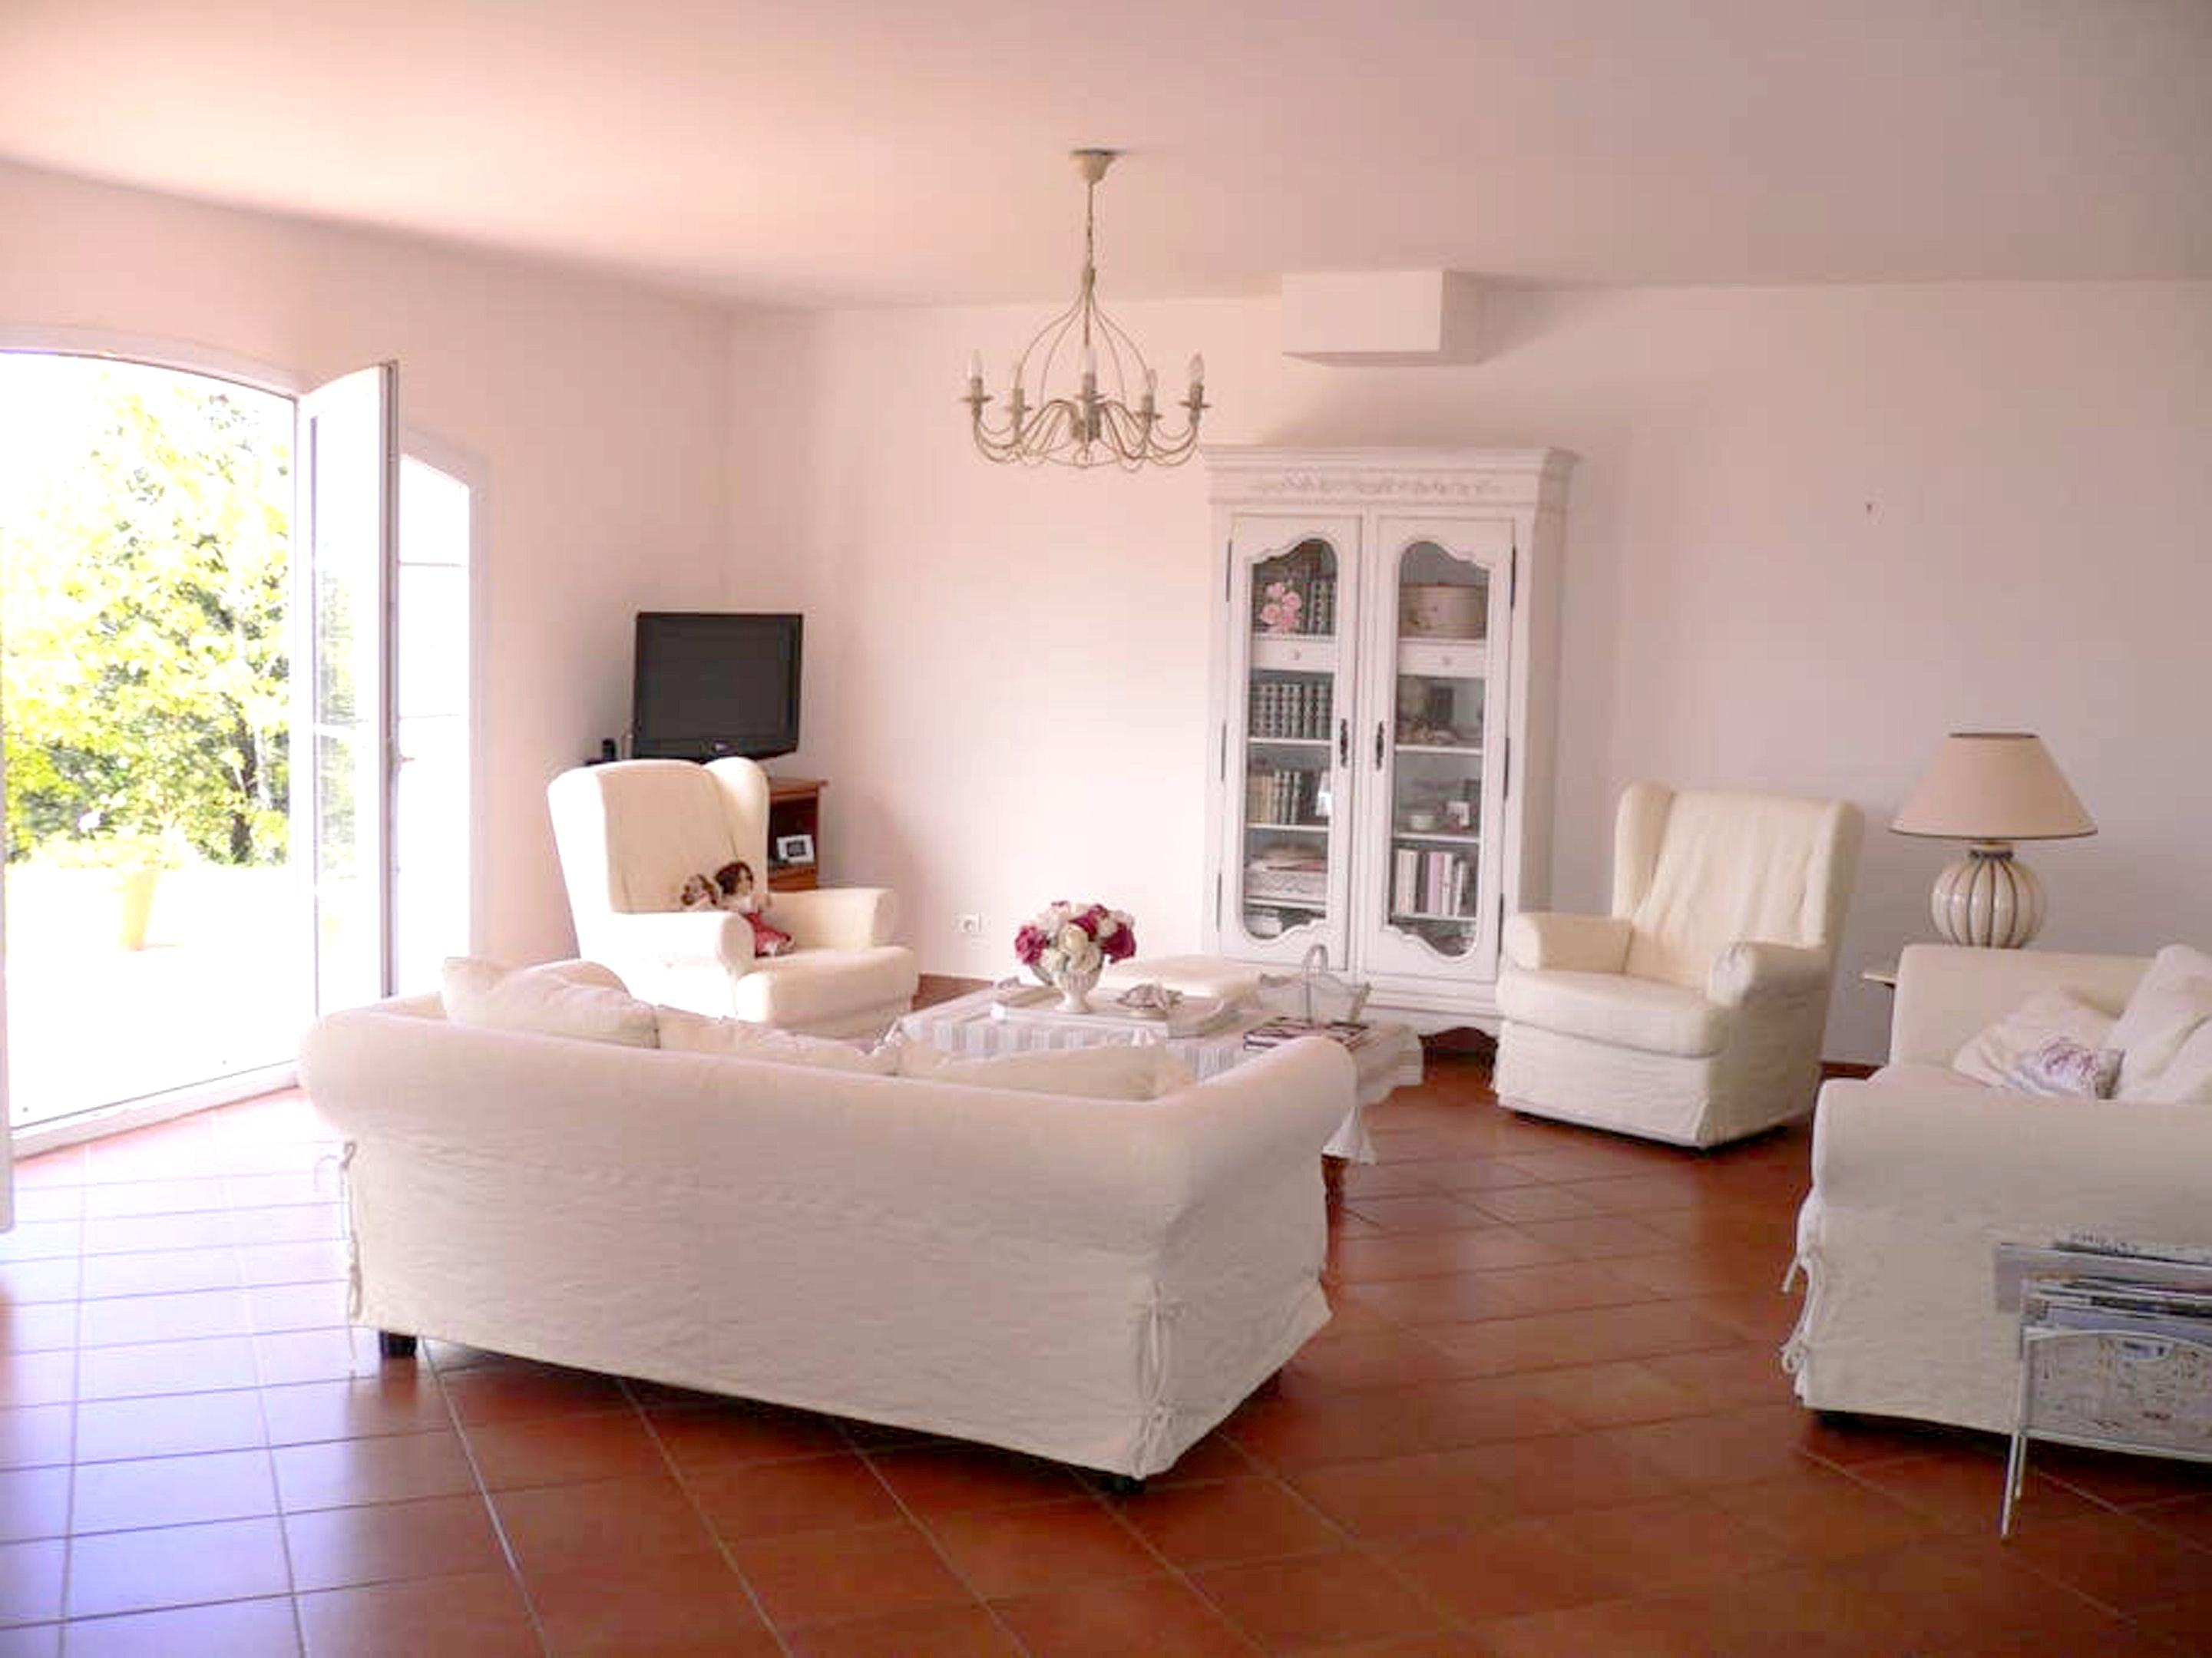 Ferienhaus Villa mit 4 Schlafzimmern in Lumio mit herrlichem Meerblick, privatem Pool, möbliertem Gar (2632533), Lumio, Nordkorsika, Korsika, Frankreich, Bild 3